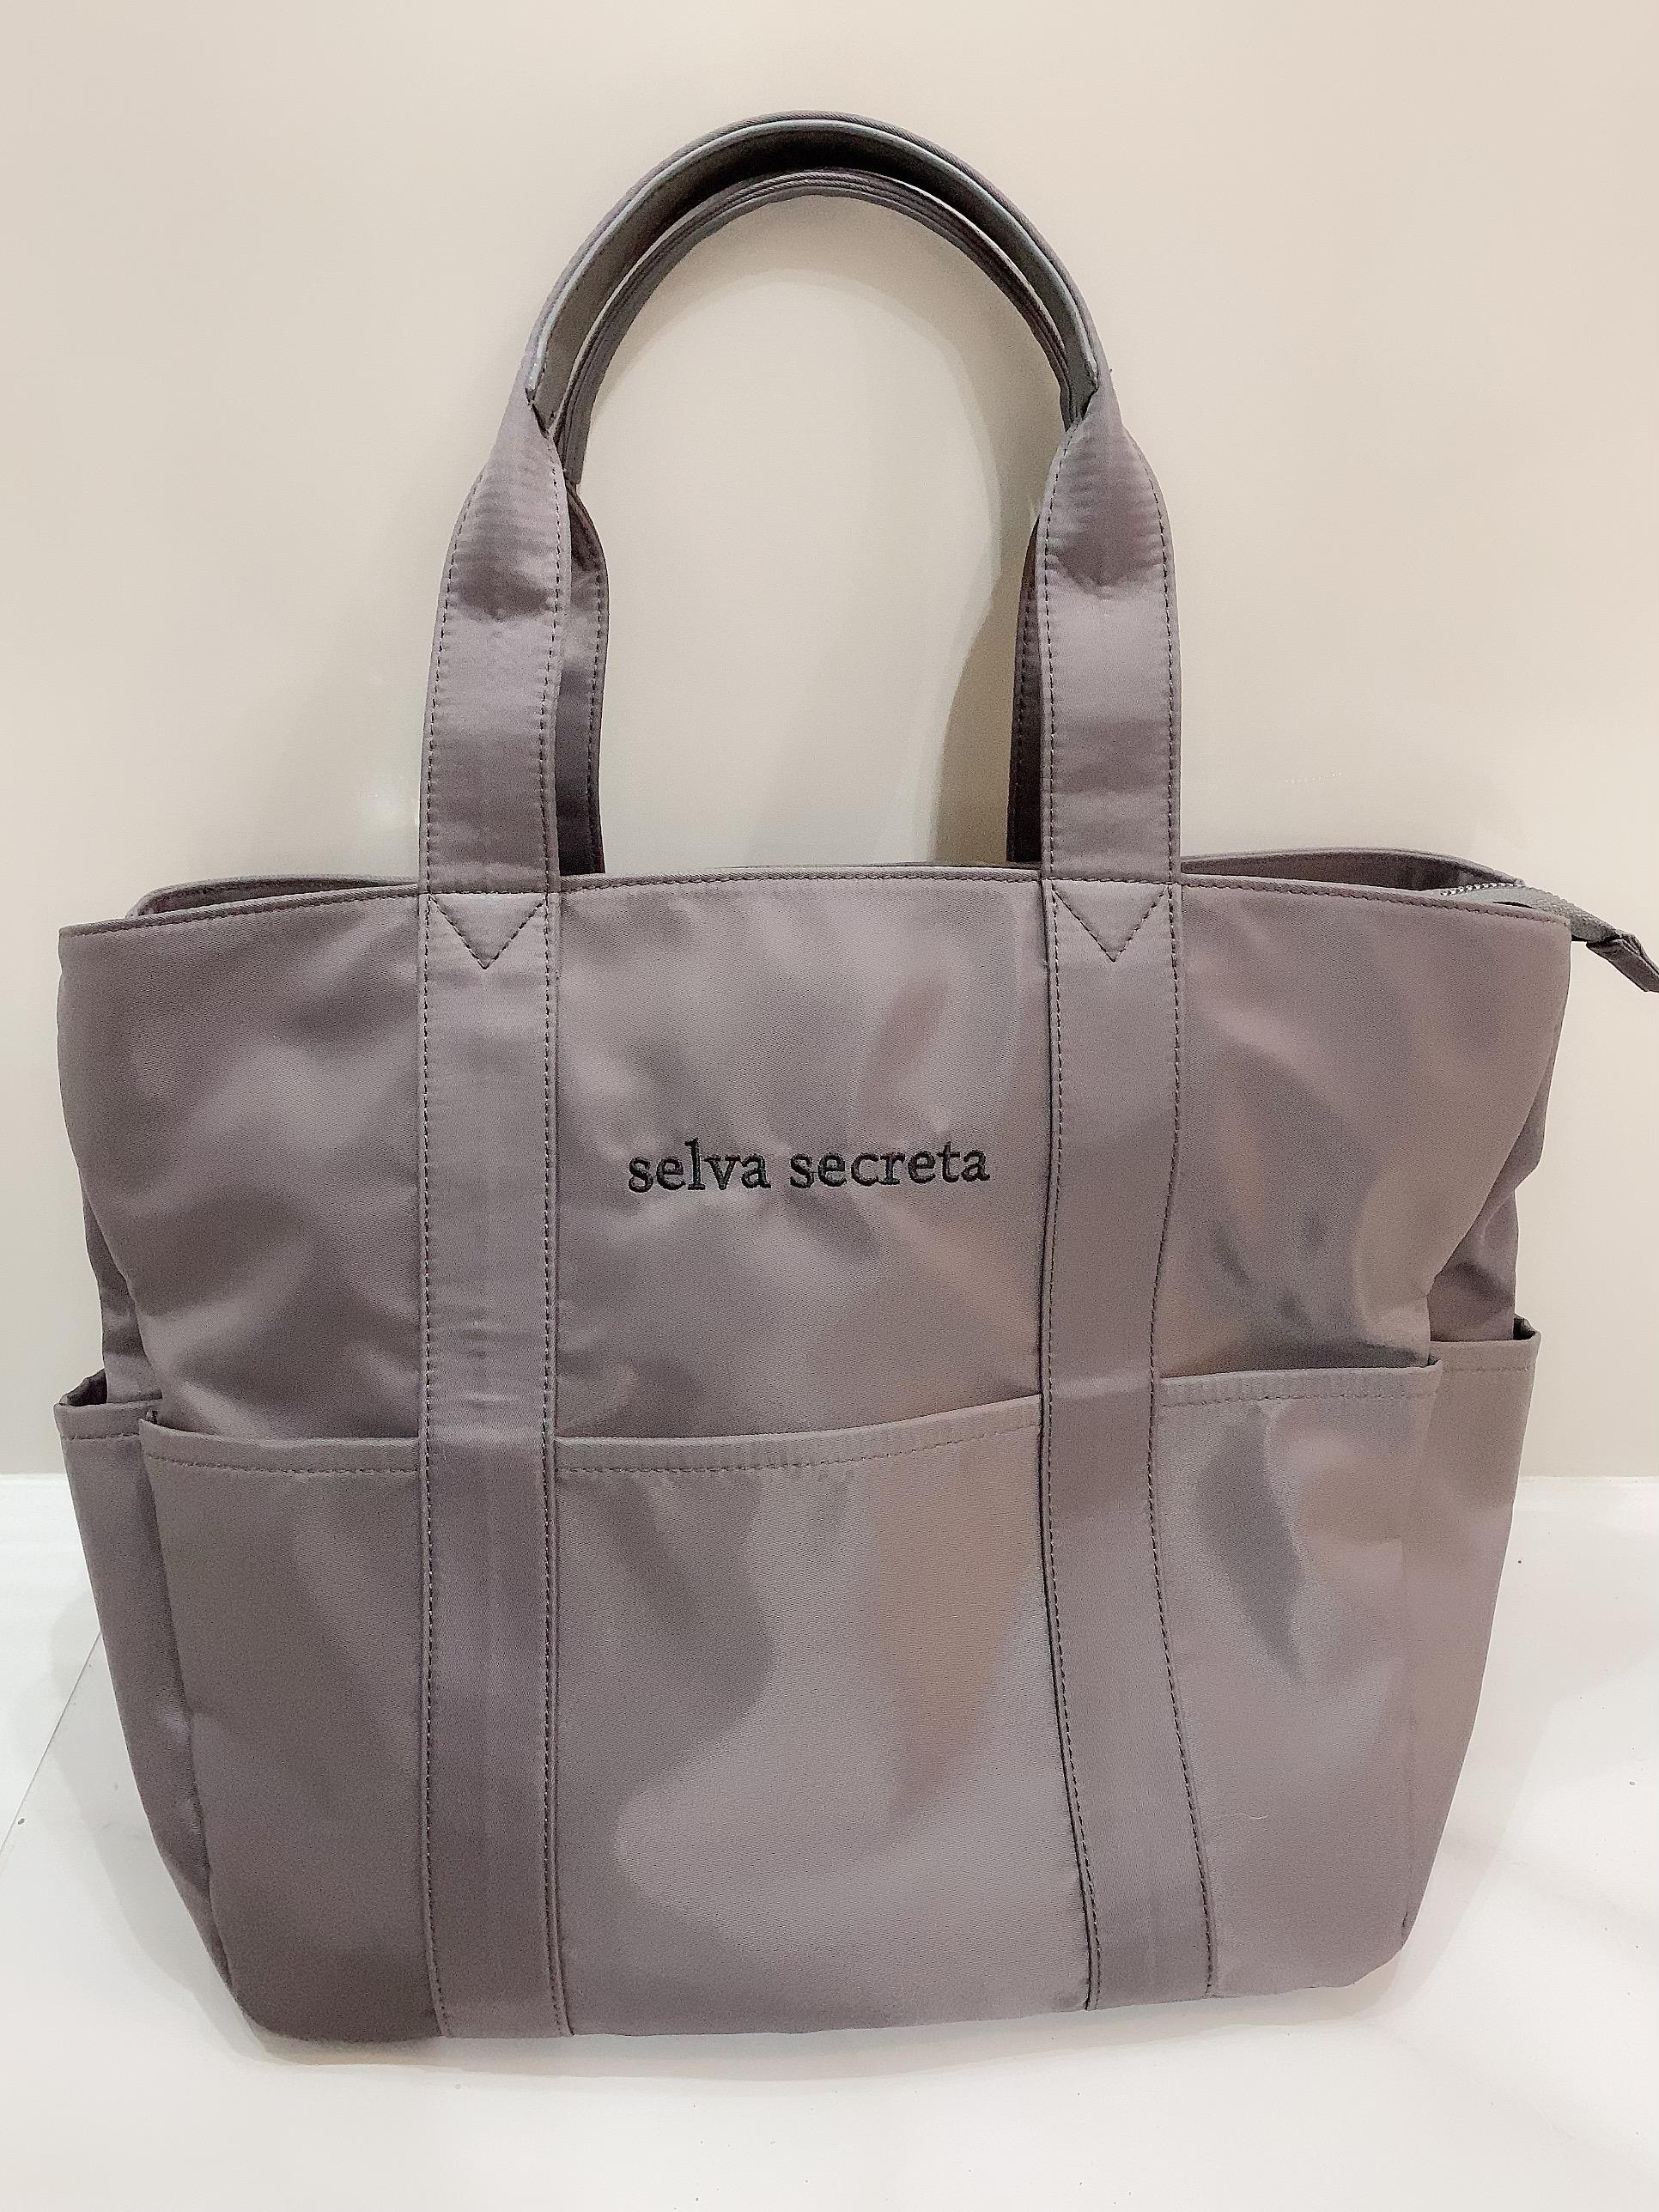 【selva secreta】useful TOTE BAG(gray)